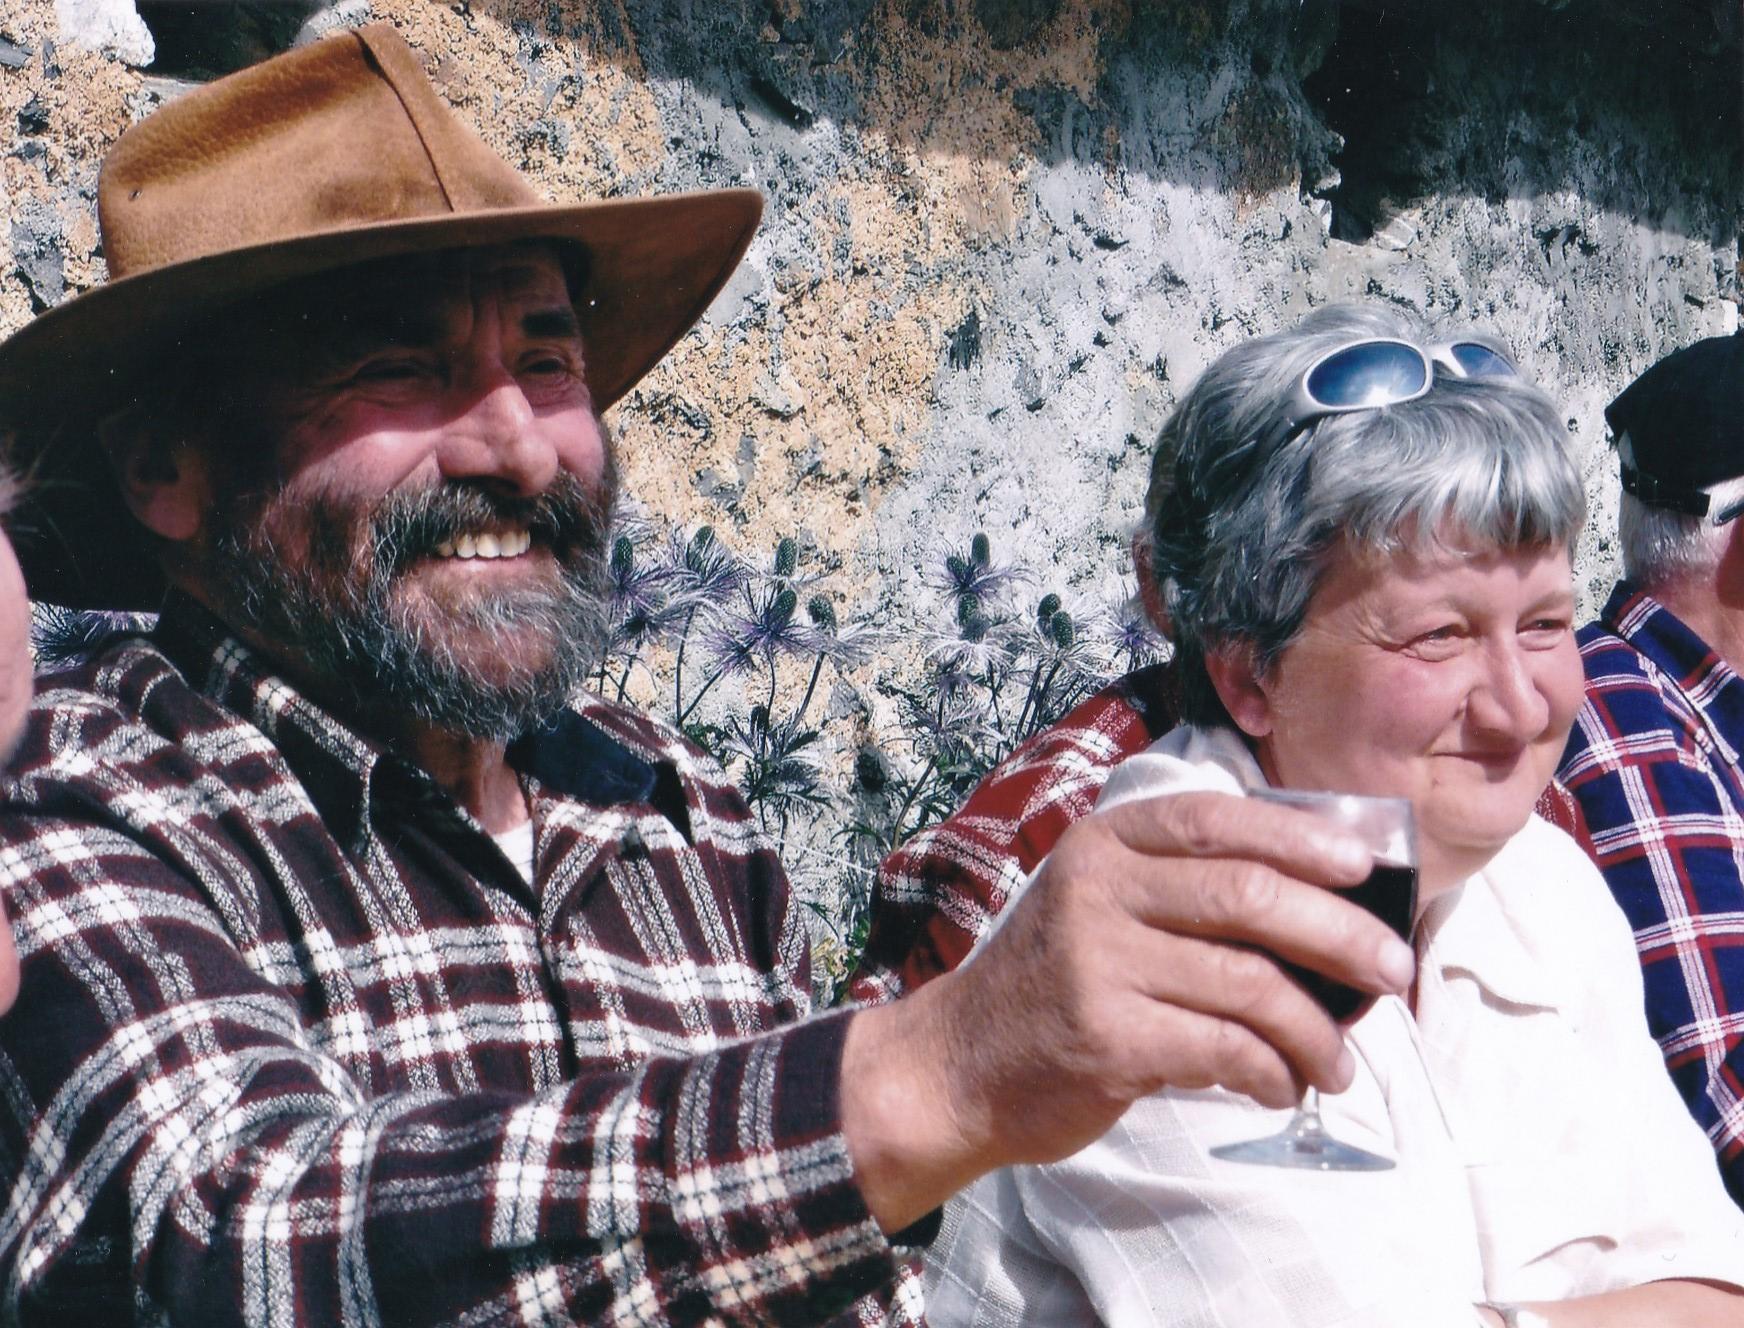 Madeleine und Jean-Paul Es-Borrat, vergangene Hüter (Sommer 2007)